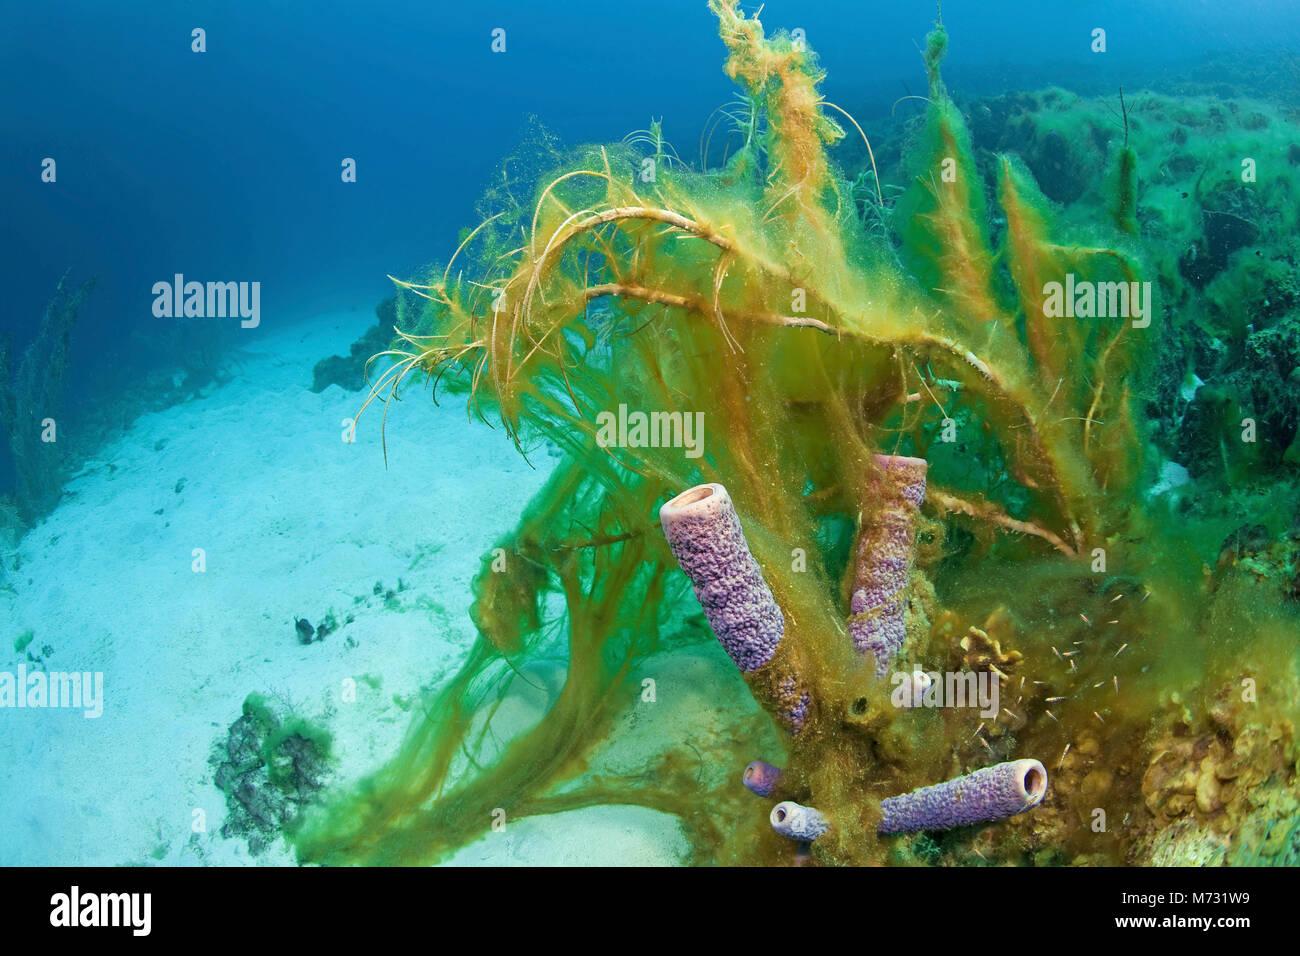 Le alghe superamento di un punto morto Coral reef, Curacao, Antille olandesi, Caraibi, Mar dei Caraibi Immagini Stock